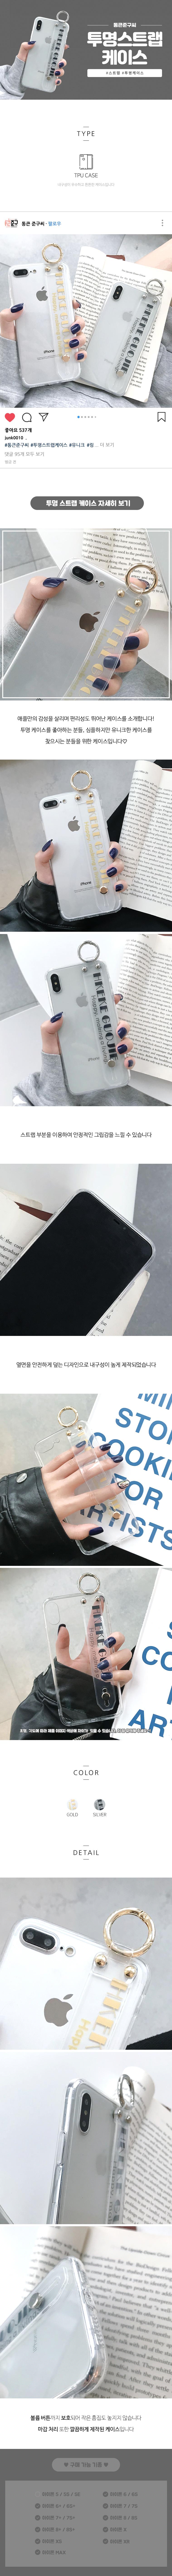 Transparent strap iphone case